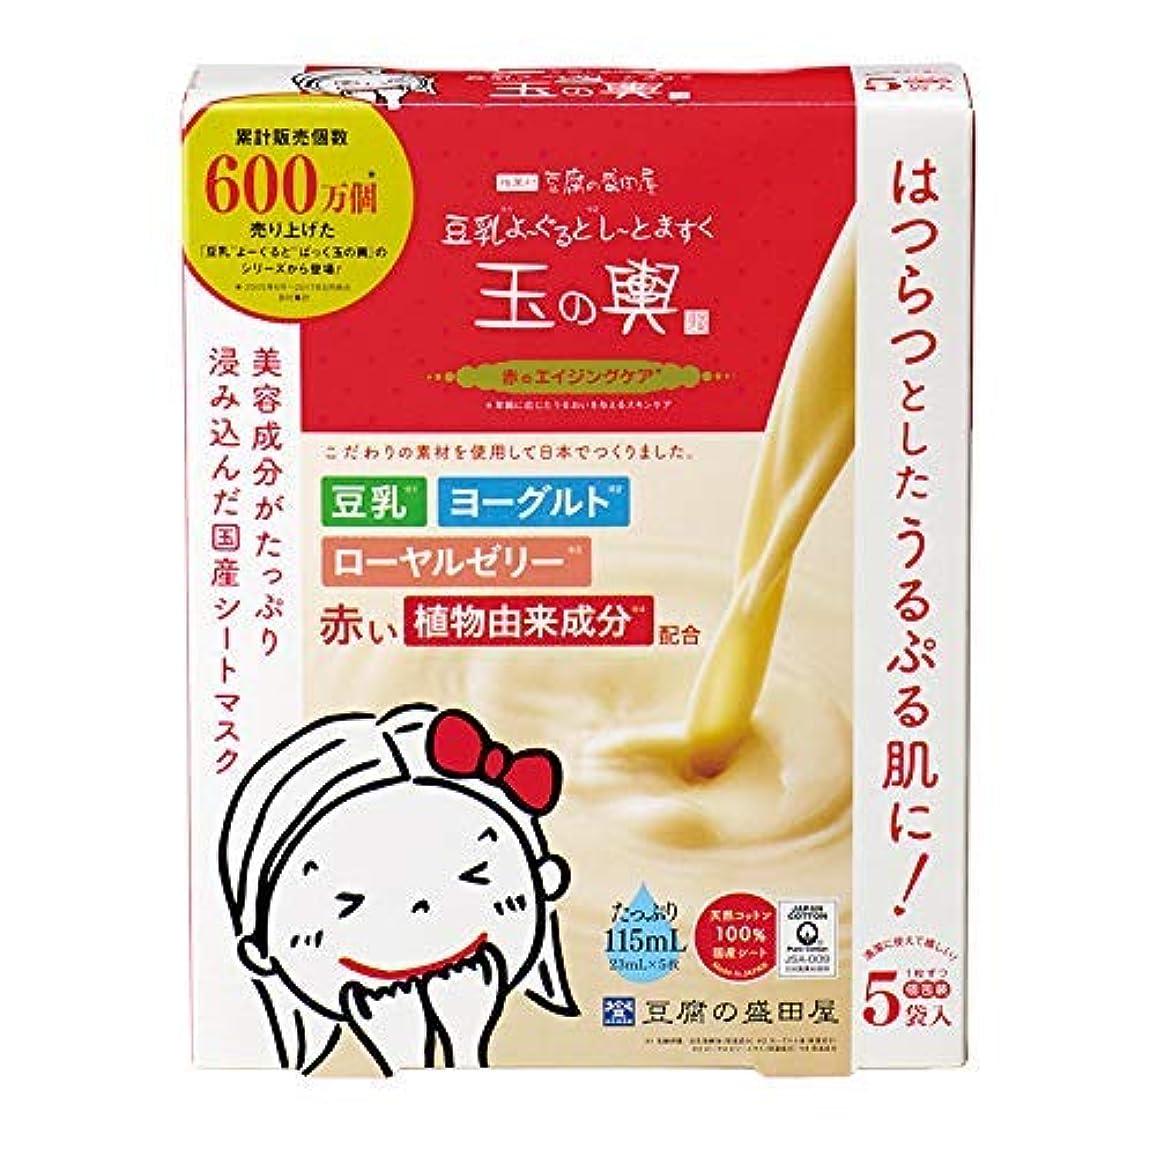 に対応指紋コンチネンタル豆腐の盛田屋 豆乳よーぐるとしーとますく 玉の輿〈赤のエイジングケア〉23mL×5枚